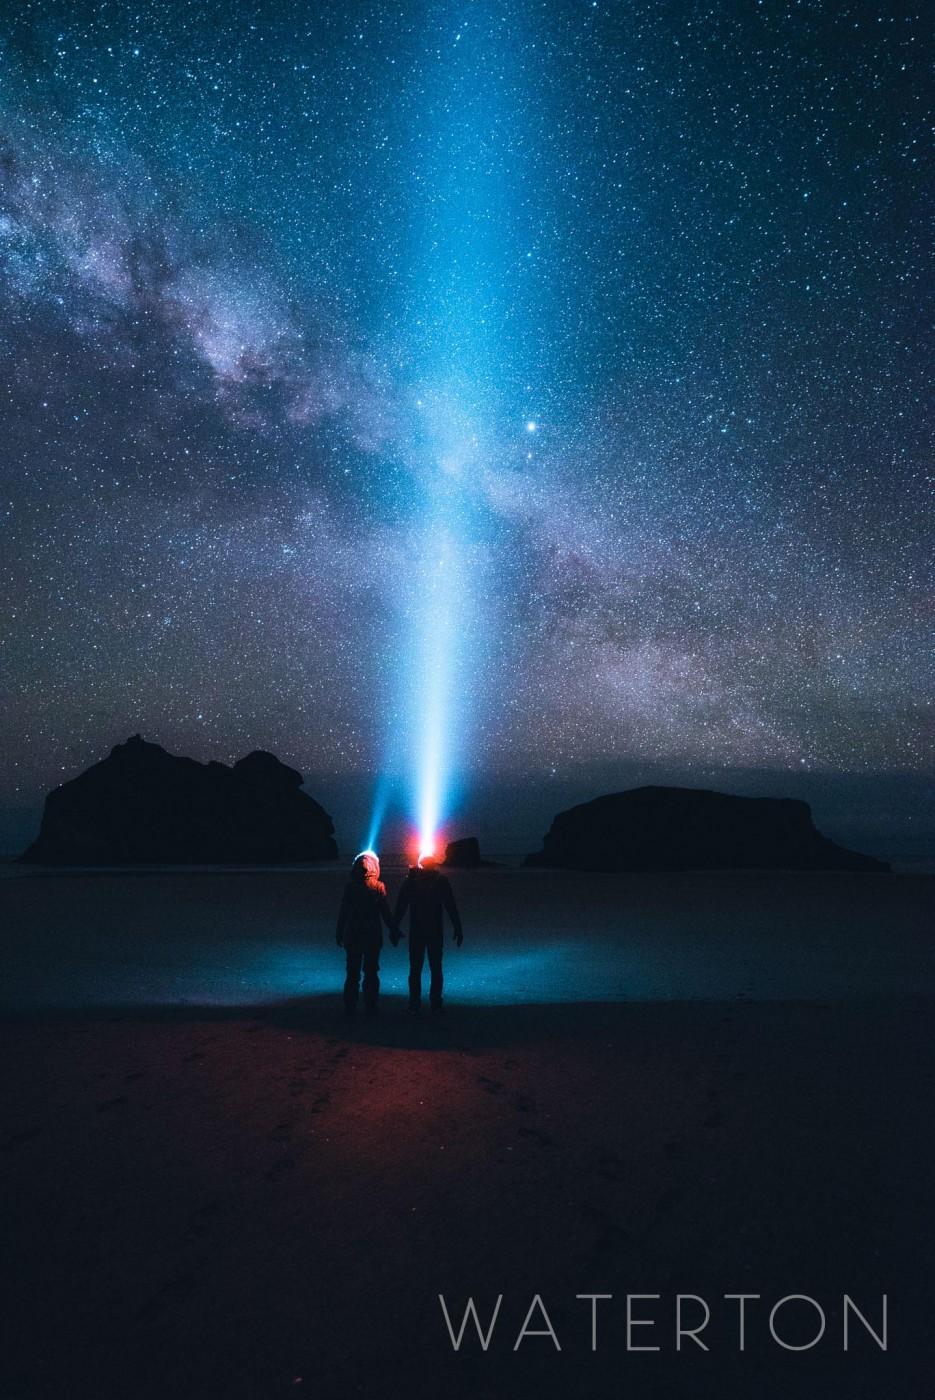 waterton-milky-way-astrophotography-lonely-speck-lightroom-preset-1